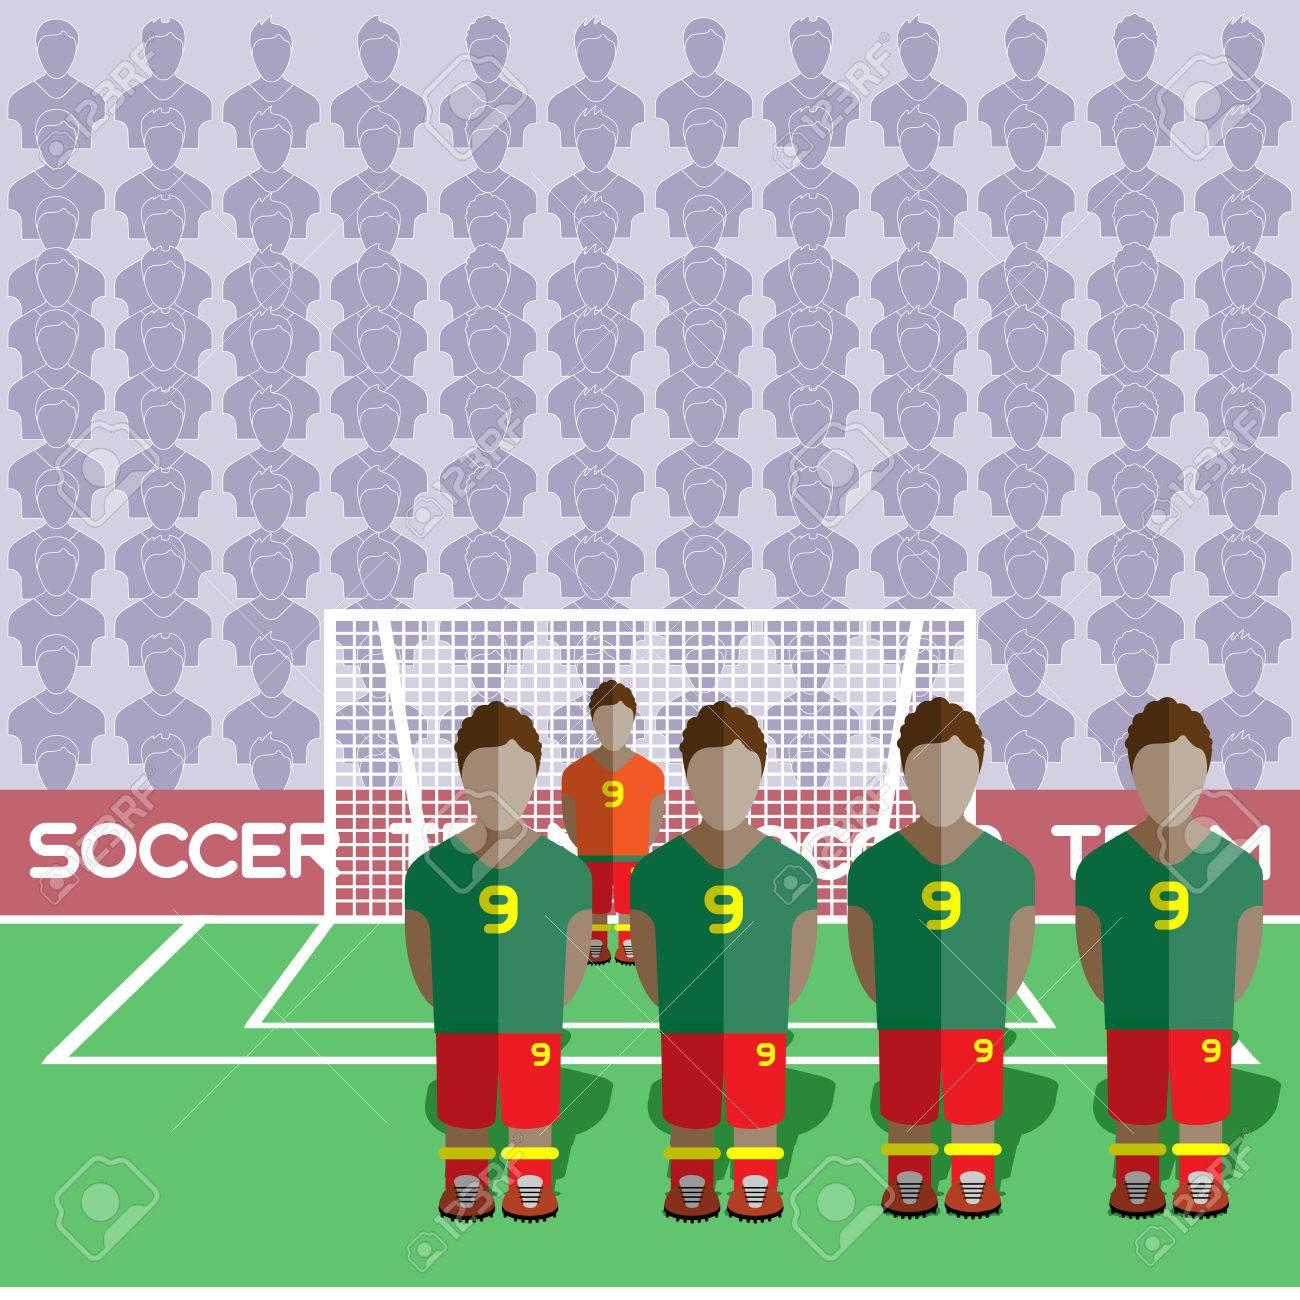 Ghana Football Club Soccer Players Silhouettes. Jeux Rmatiques Équipe  De Football Joueurs Big Set. Graphique Sportif. Les Équipes De Football pour Jeux De Gardien De Foot